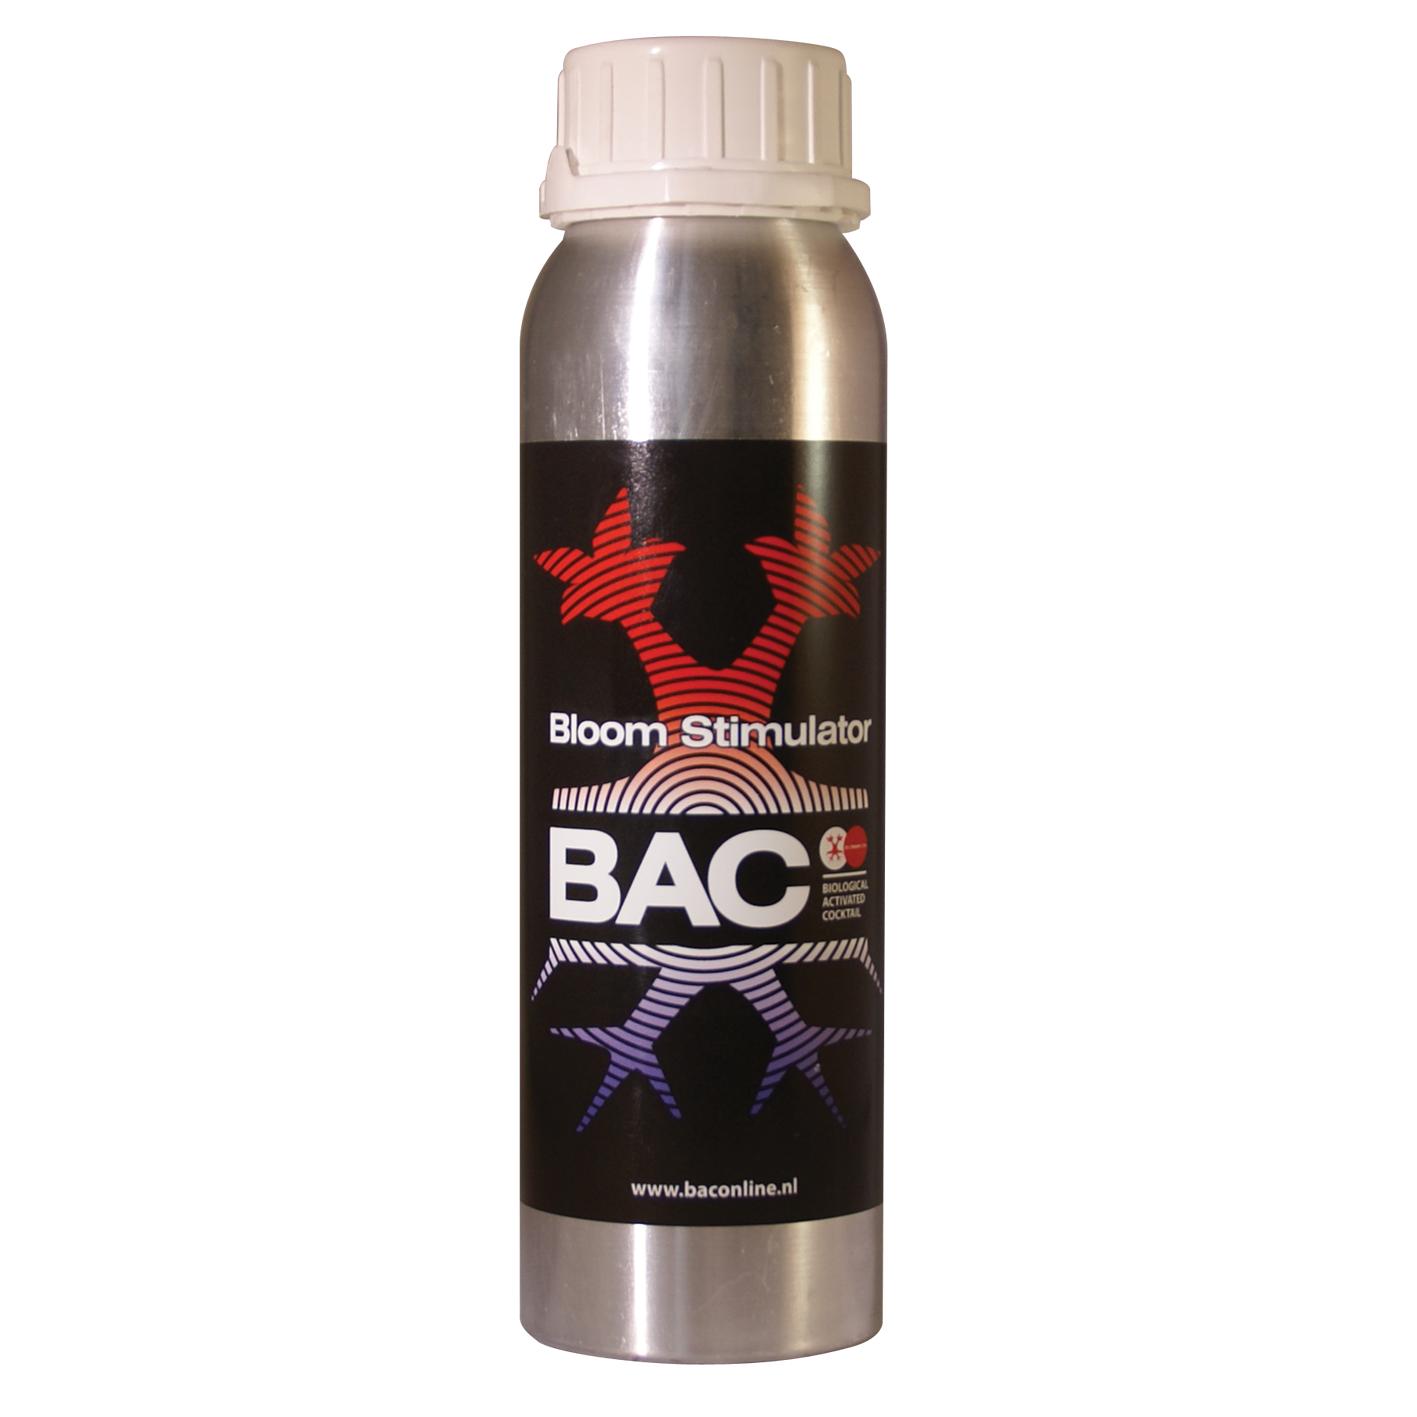 BAC - биостимулятор цветения для марихуаны (Bloom Stimulator)